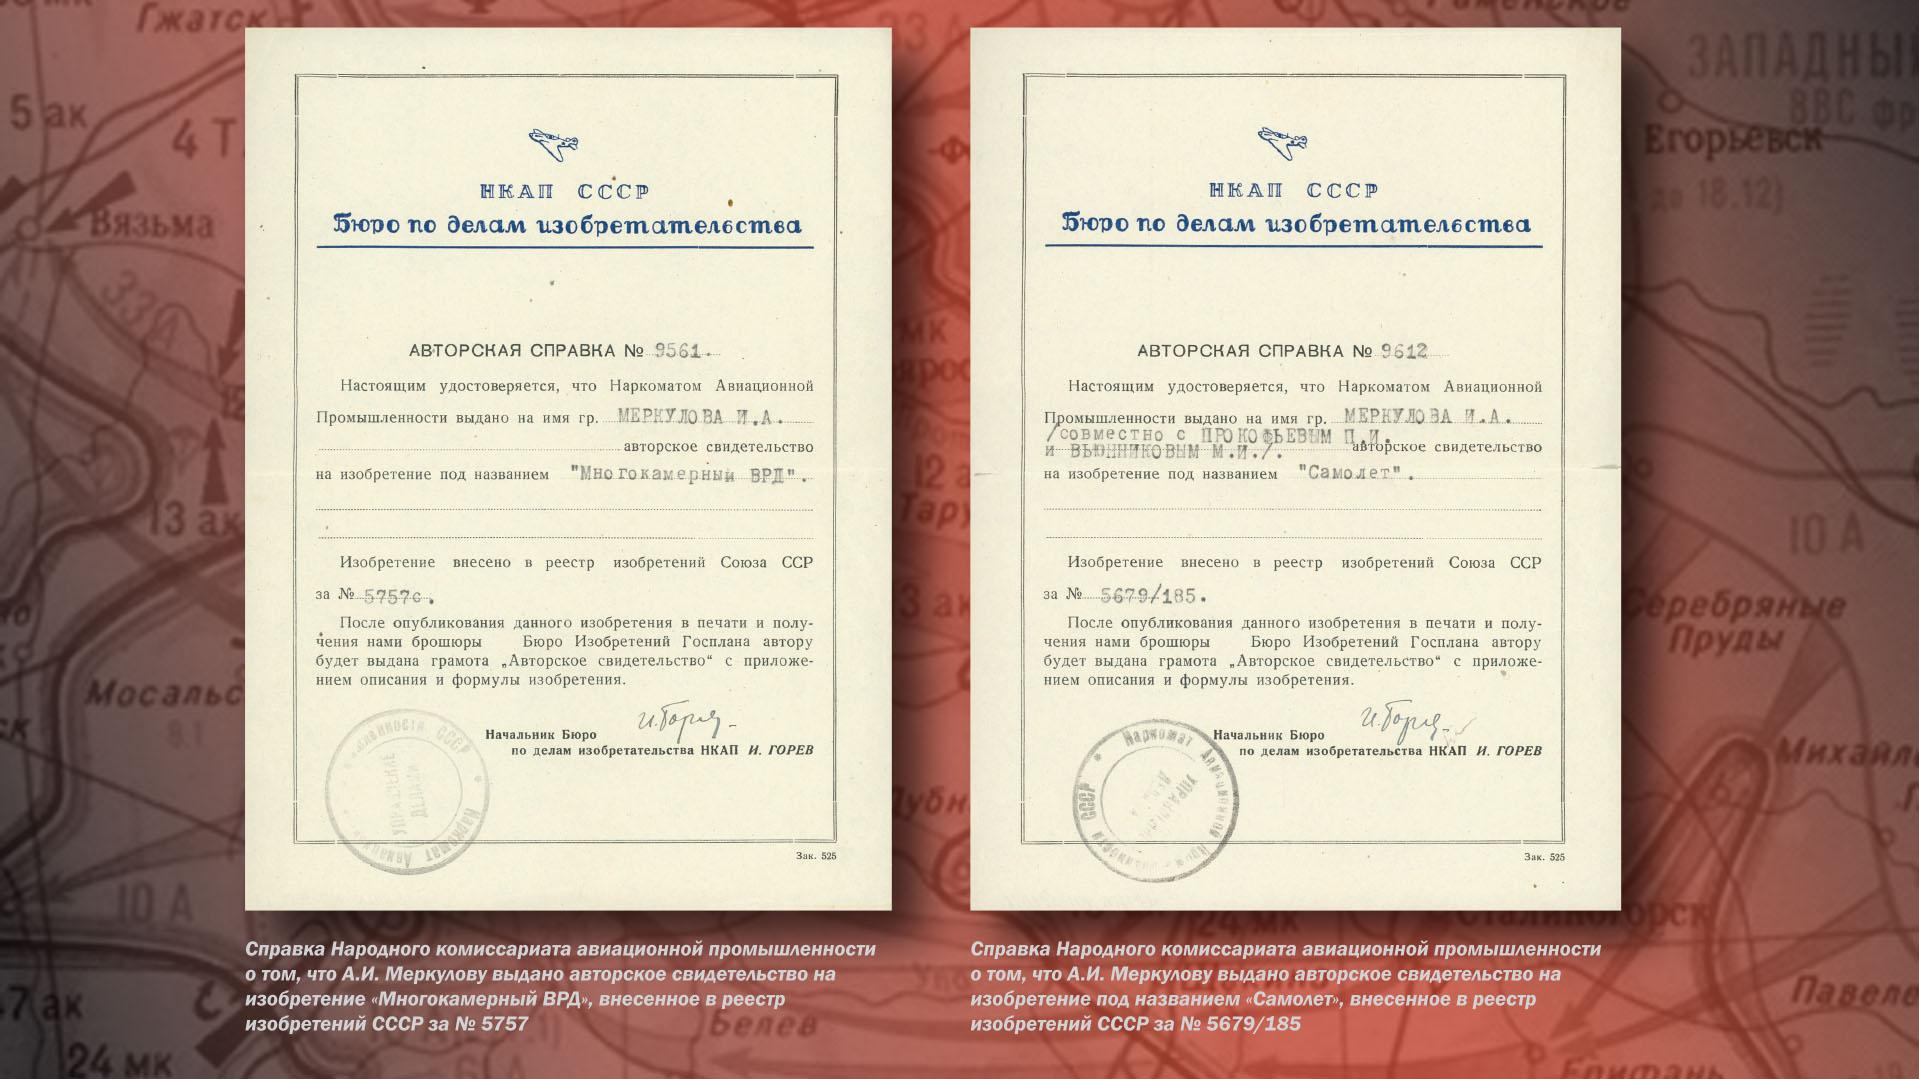 Справки об авторских свидетельствах И.А. Меркулова